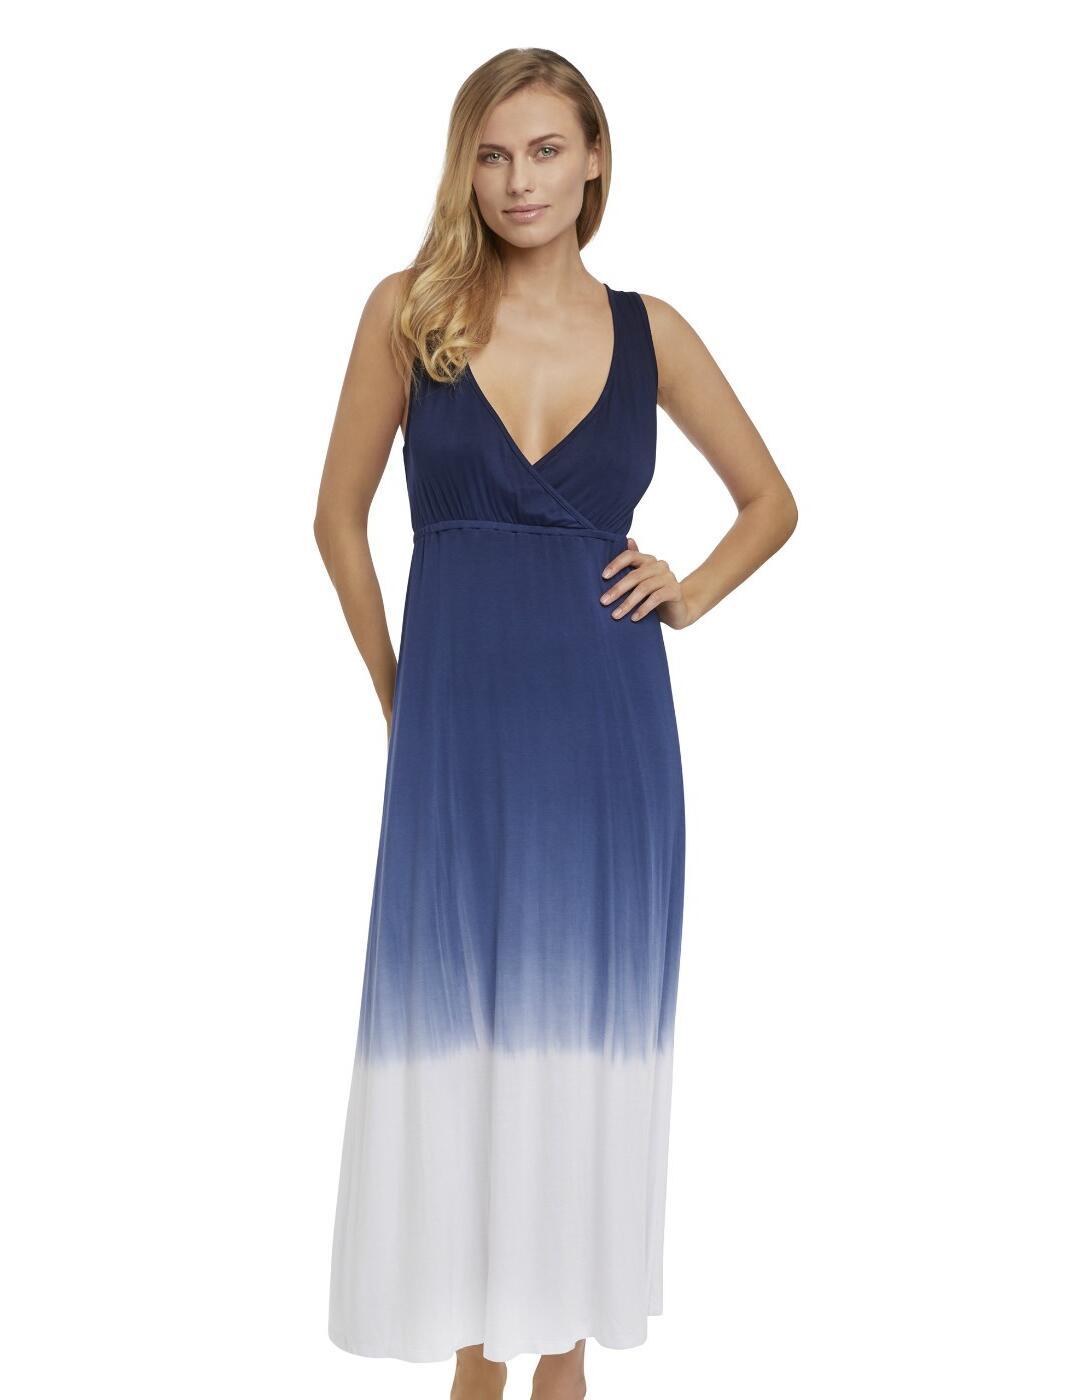 6365 Fantasie Aurora Dress  - 6365 Ombre